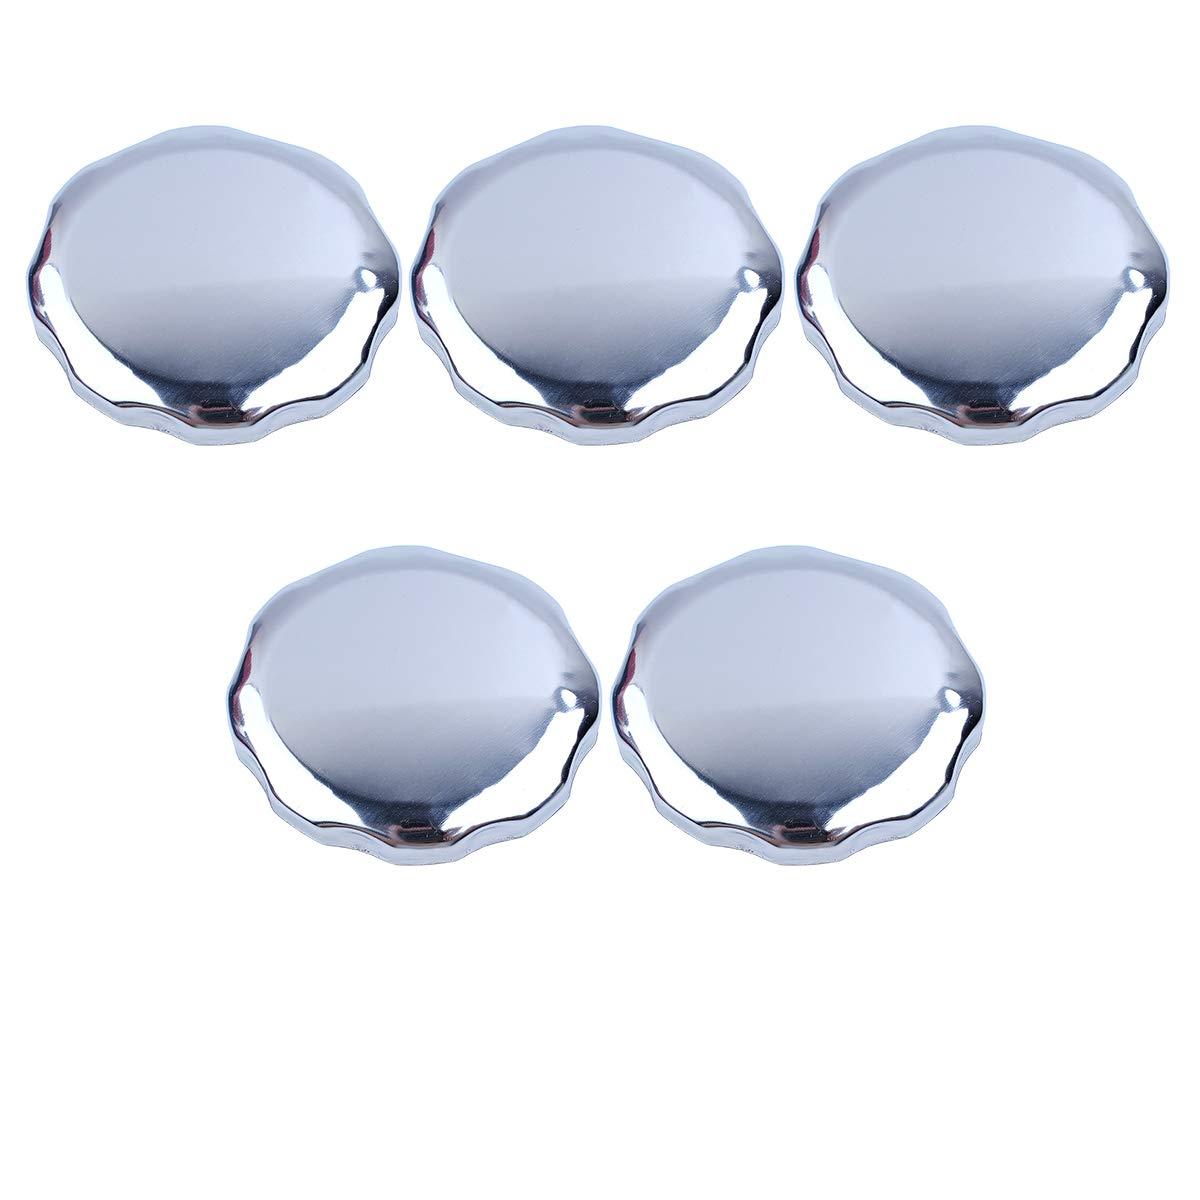 Adefol Gas Fuel Cap for Honda GX160 GX200 GX120 GX240 GX270 GX340 GX390 Replacement 17620-ZH7-013 17620-ZH7-023